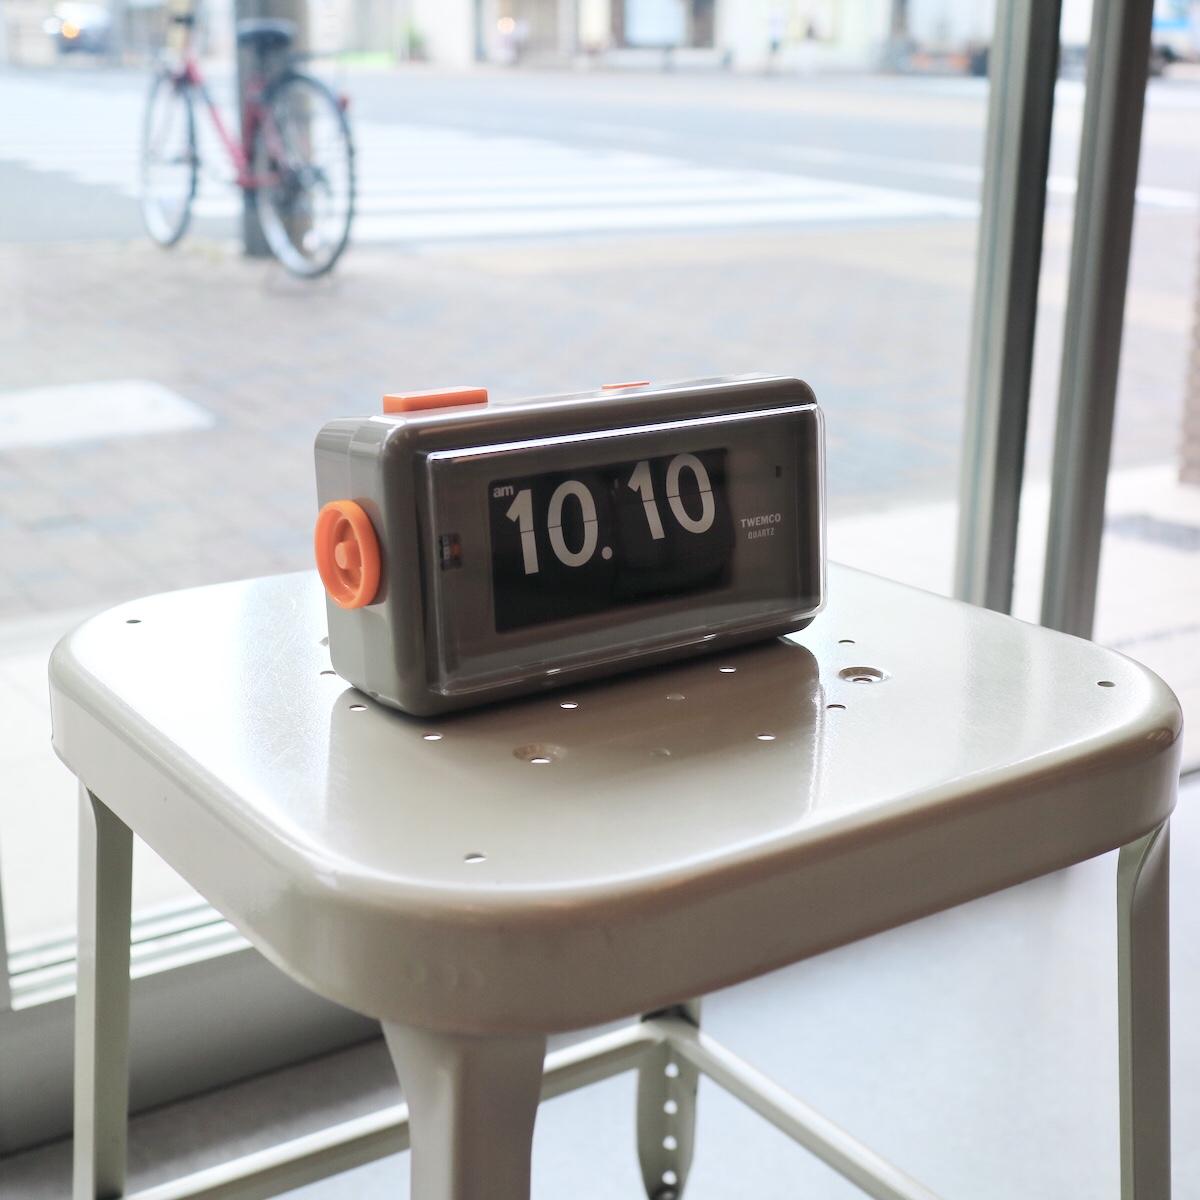 【TWEMCO】トゥウェンコ ALARM TABLE CLOCK | 置き型 静音 部屋 目覚まし 目覚まし時計 アラーム ライト フリップダウン パタパタ おしゃれ オシャレ